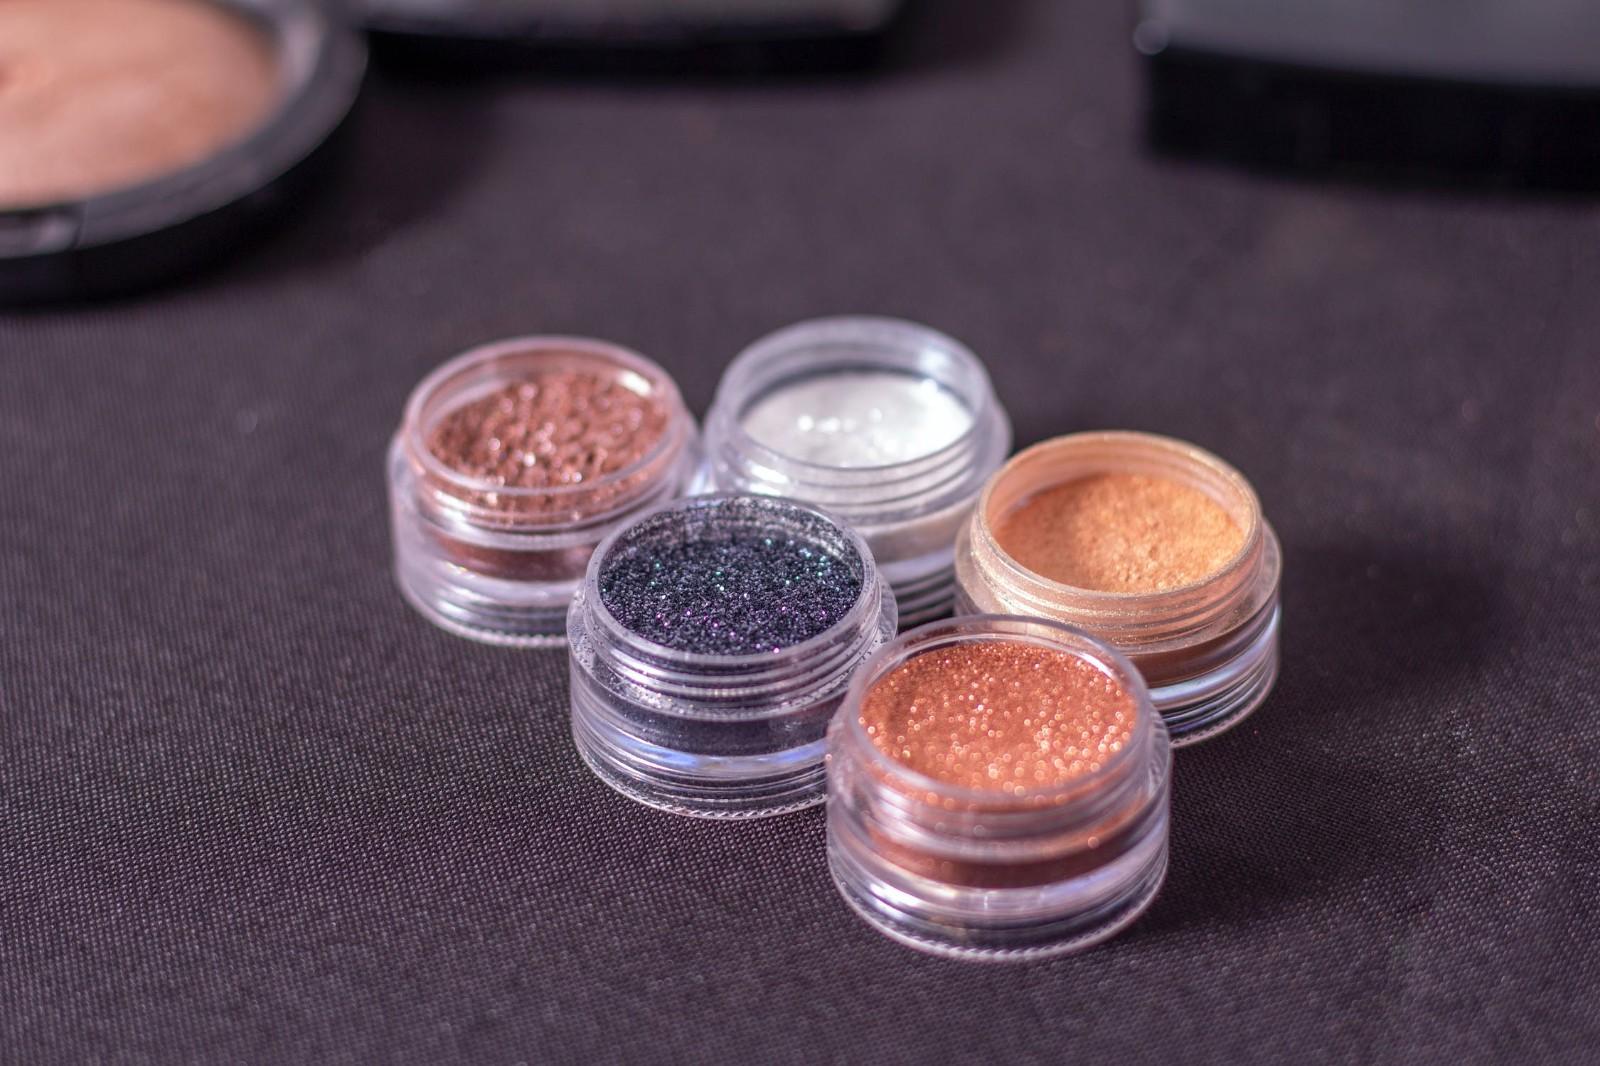 西安学化妆培训班机构(化妆美容的行业发展对象)